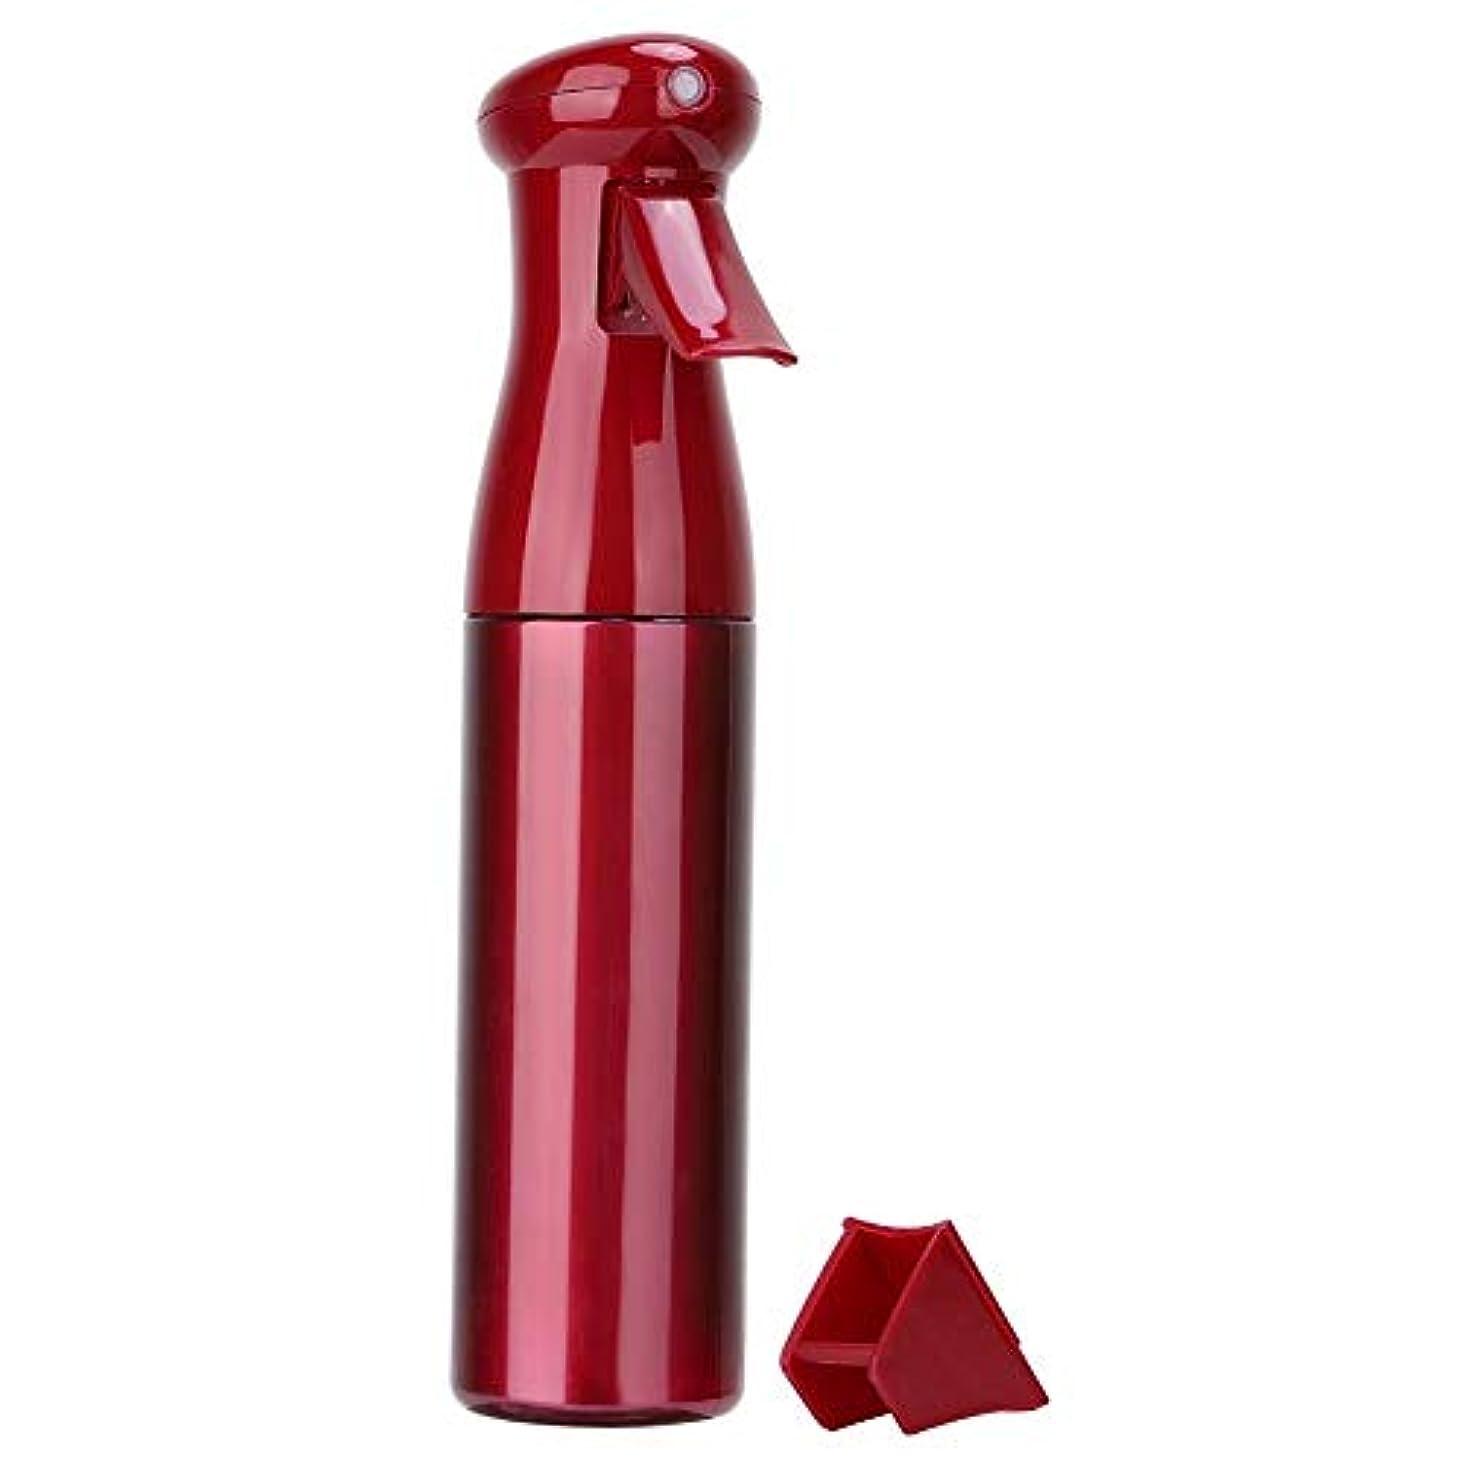 歯本当に持っているNitrip スプレーボトル 霧吹き 極細のミストを噴霧する サロン理髪用 花植えツール 美髪師用 持ち運び便利 3色(赤)